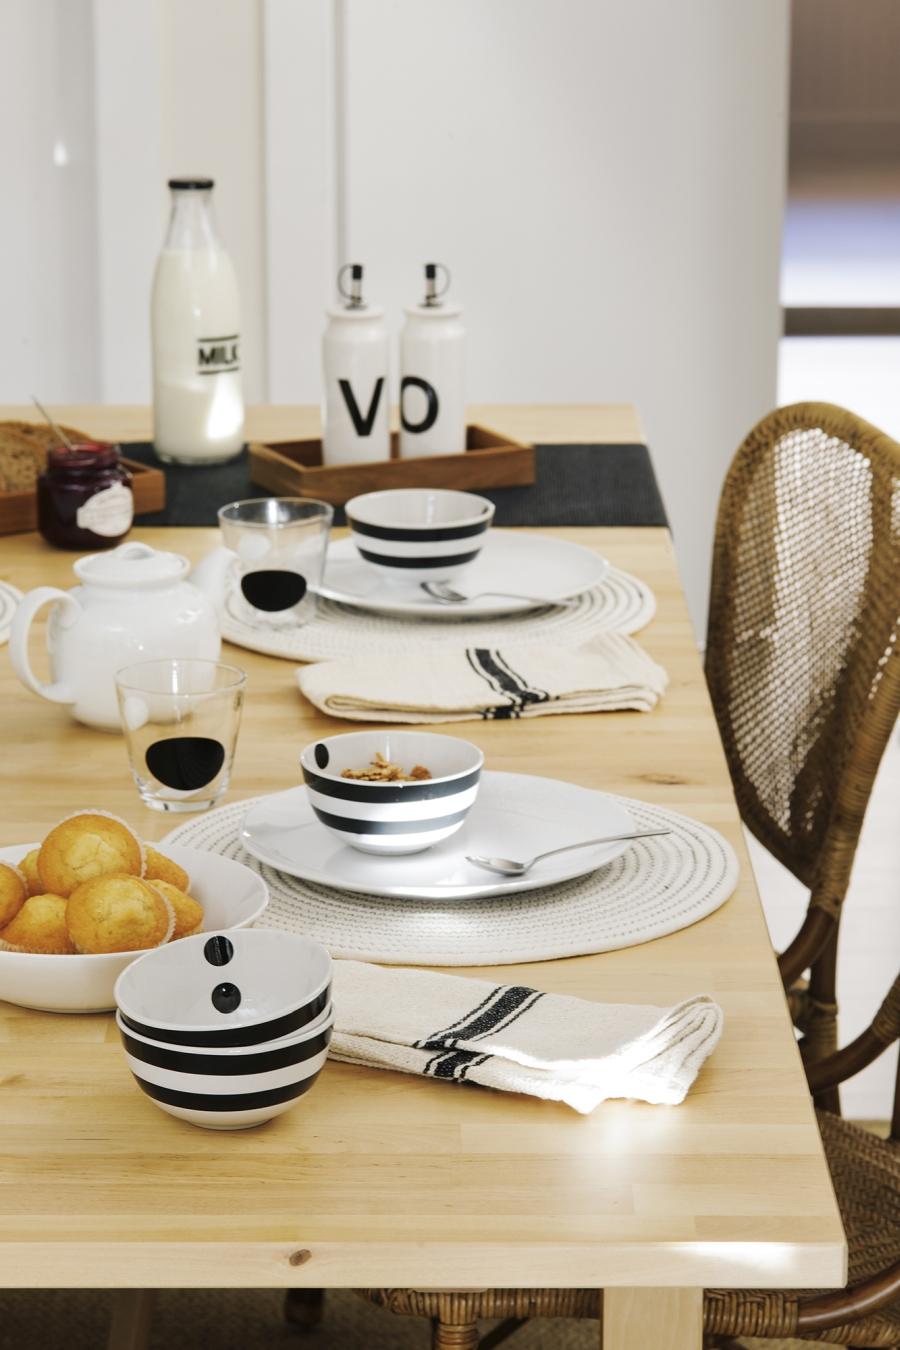 Czerń i biel w przytulnej aranżacji - wystrój wnętrz, wnętrza, urządzanie mieszkania, dom, home decor, dekoracje, aranżacje, minty inspirations, styl skandynawski, scandinavian style, biała wnętrza, małe wnętrza, małe mieszkanie, otwarta przestrzeń, czerń i biel, balck & white, naturalne drewno, naturalne materiały, jadalnia, czarny regał, czarna lampa wisząca, ratanowe krzesło